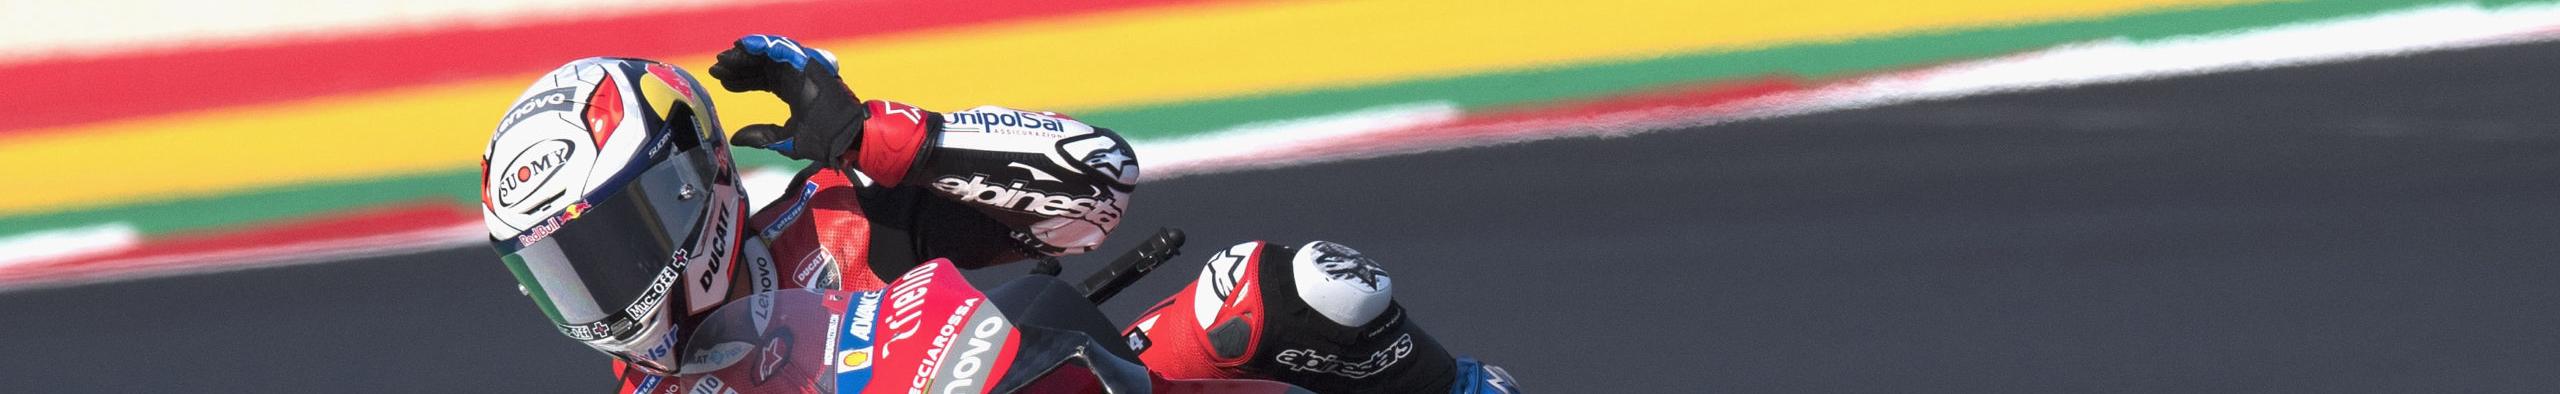 GP Emilia Romagna: Quartararo favorito, ma occhio alla Yamaha